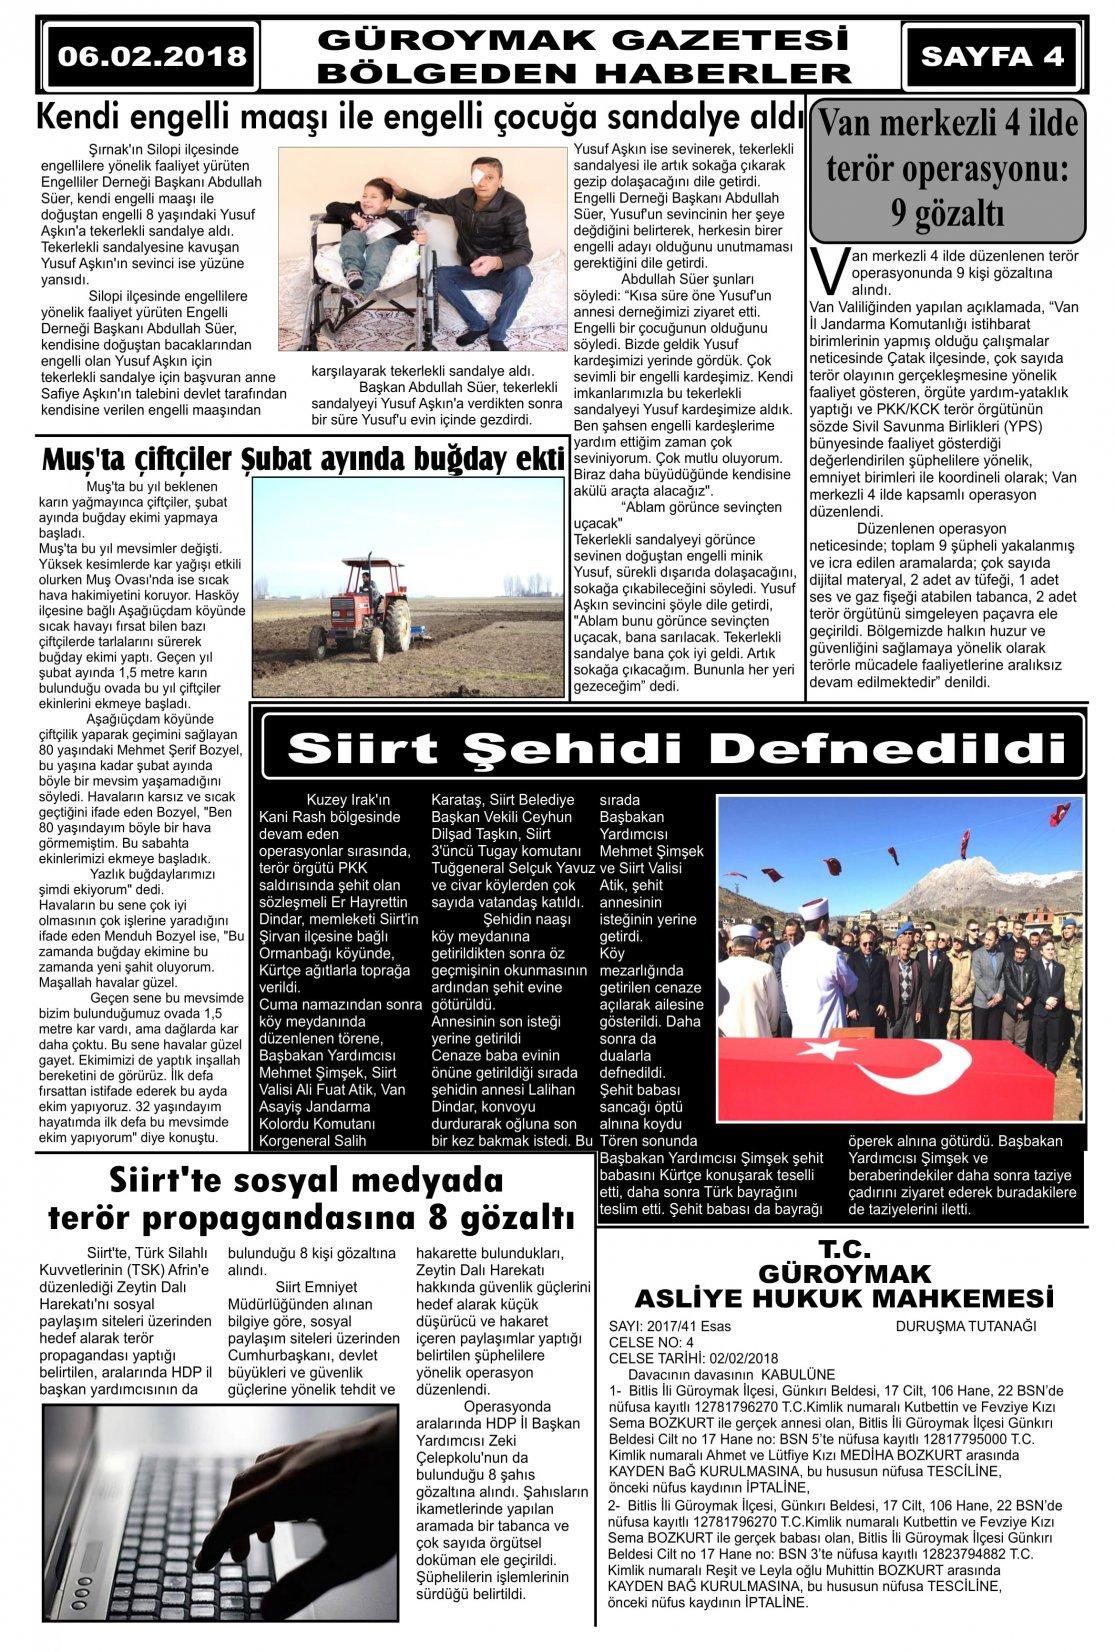 Güroymak Gazetesi 4.jpg Sayılı Gazete Küpürü